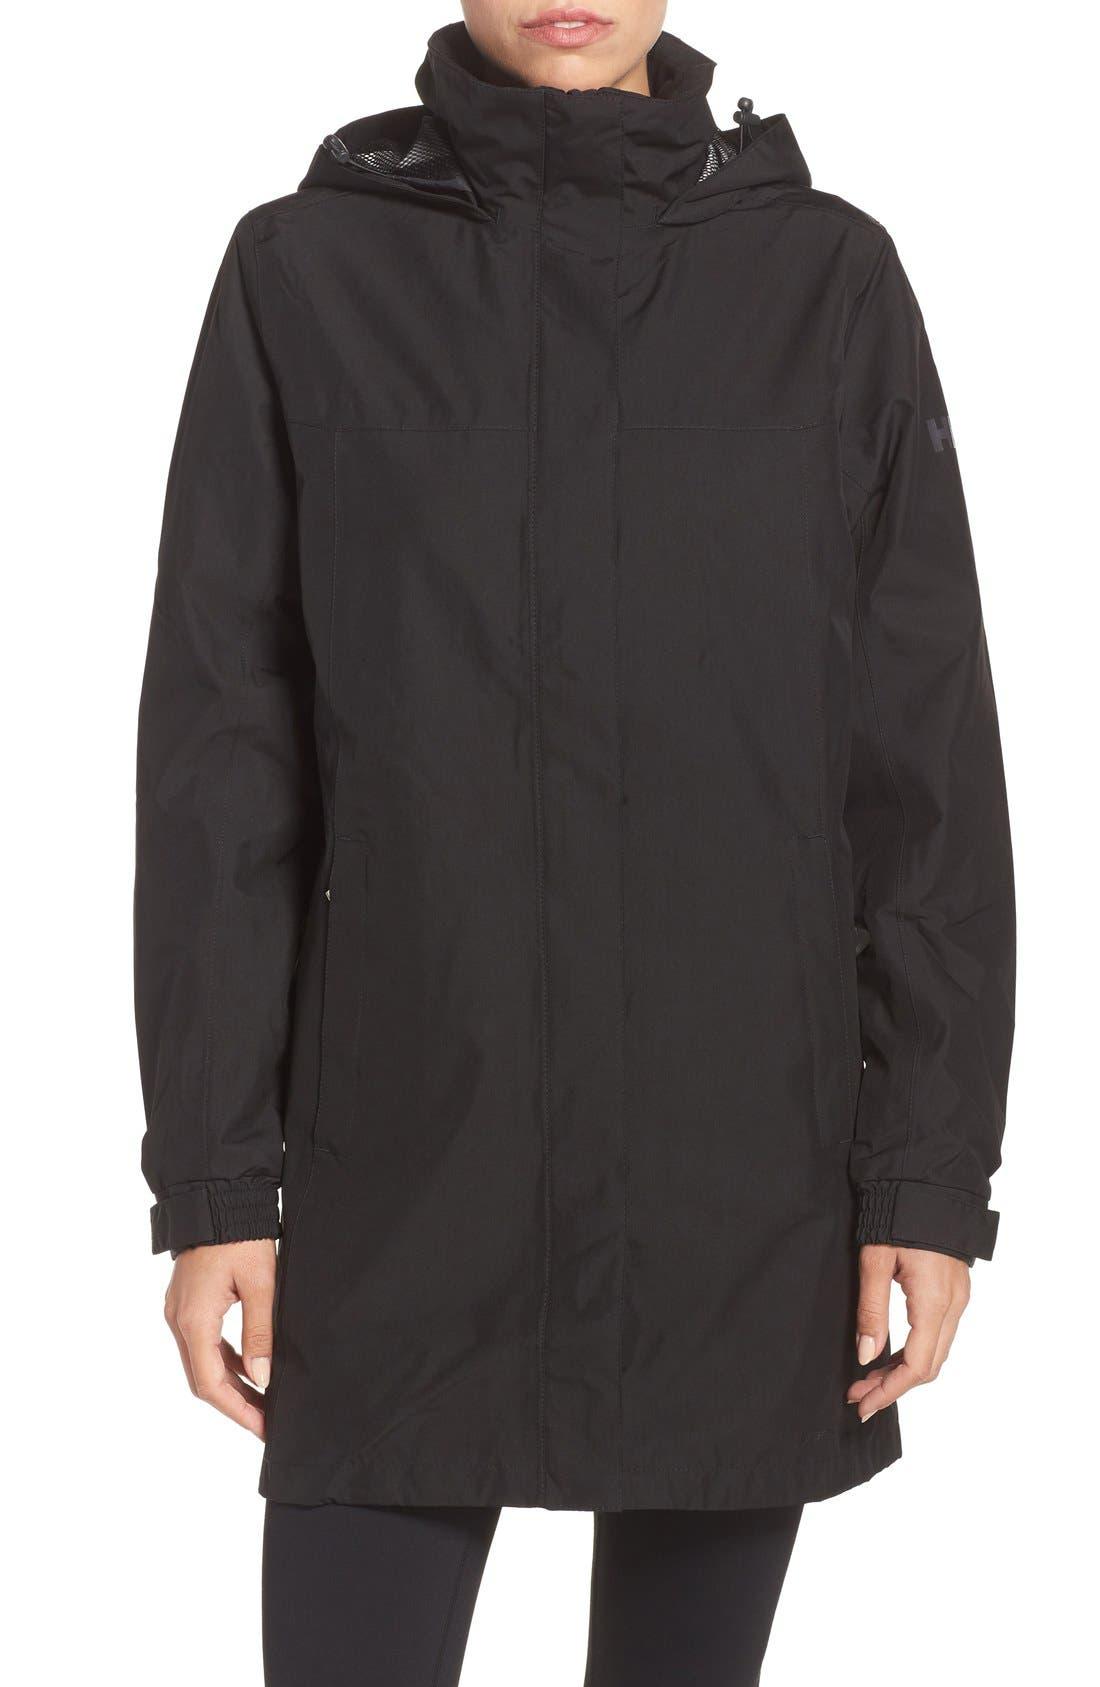 HELLY HANSEN 'Aden' Helly Tech<sup>®</sup> Raincoat, Main, color, BLACK